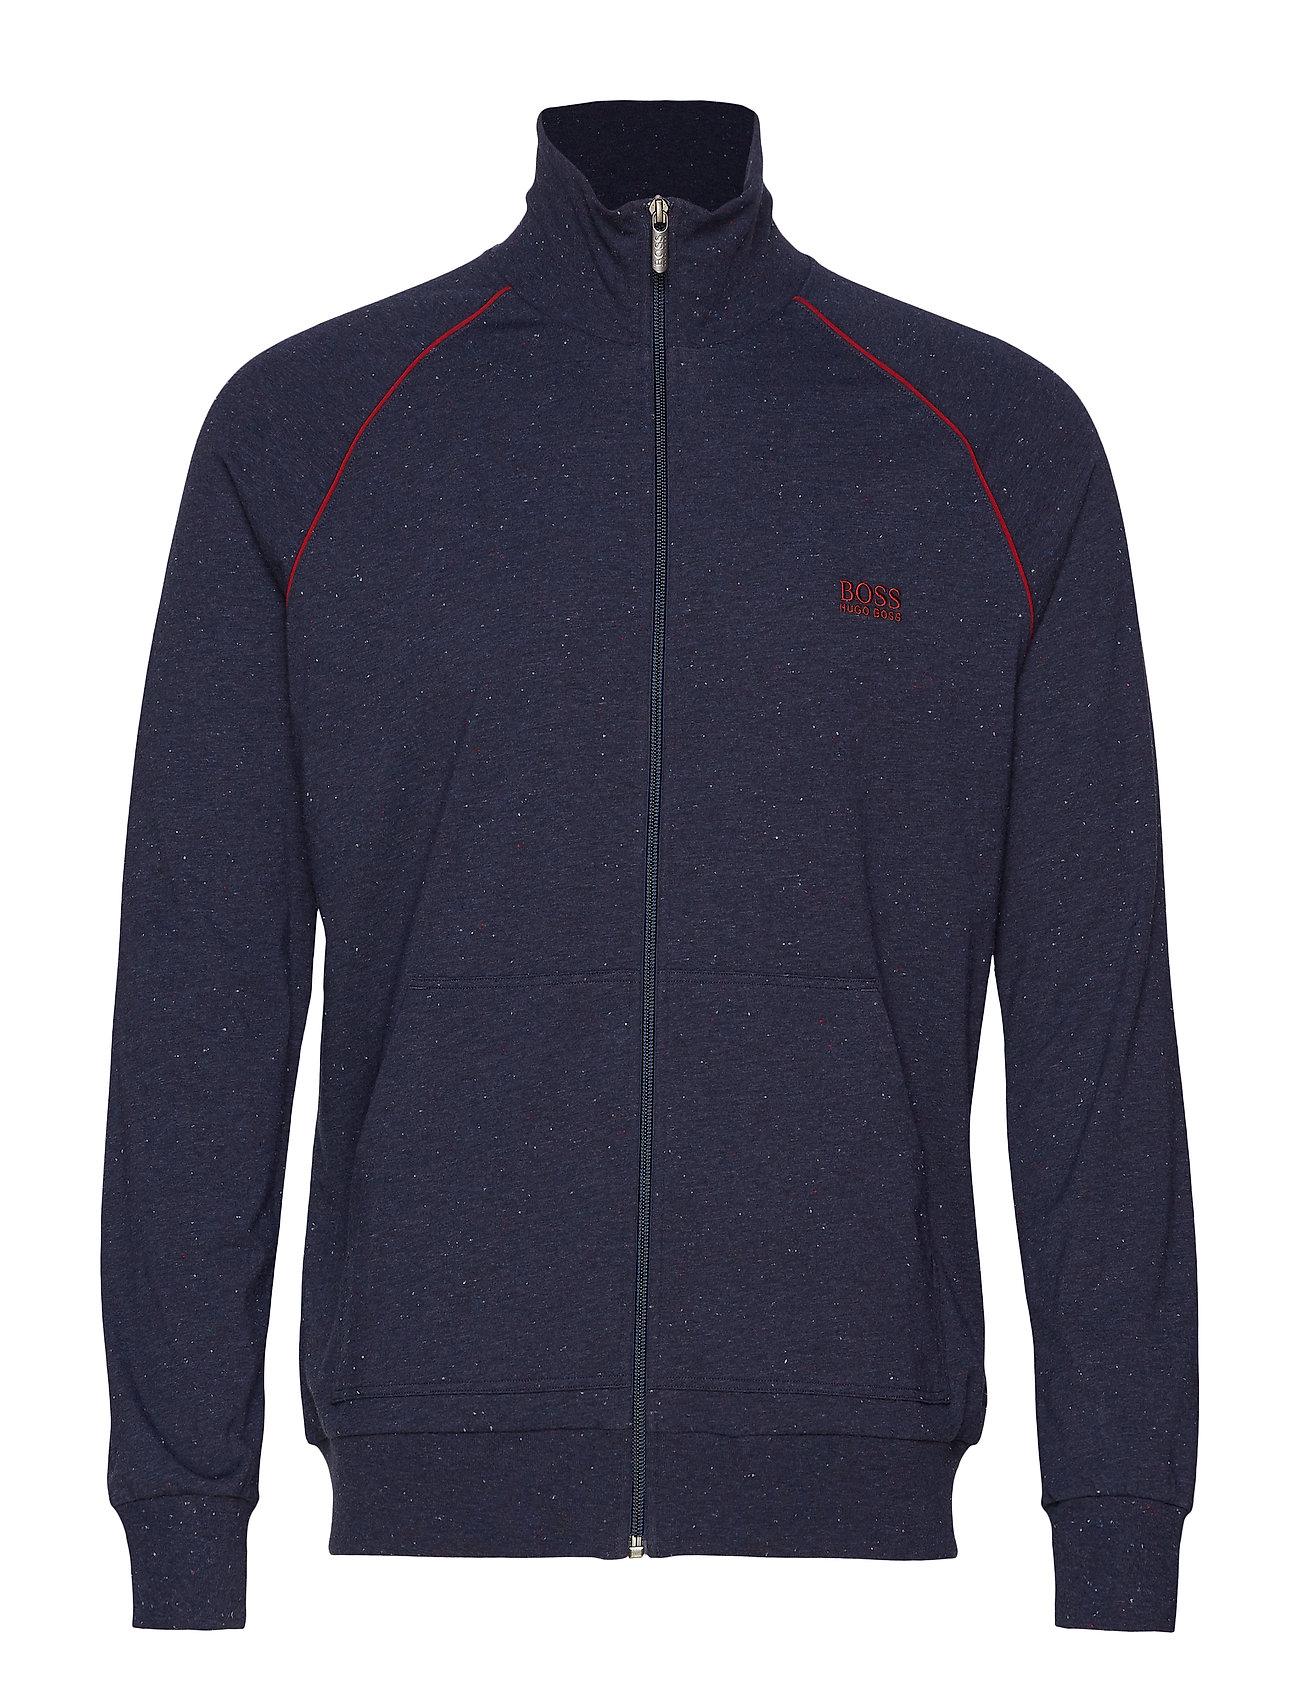 BOSS Business Wear Mix&Match Jacket Z - OPEN BLUE